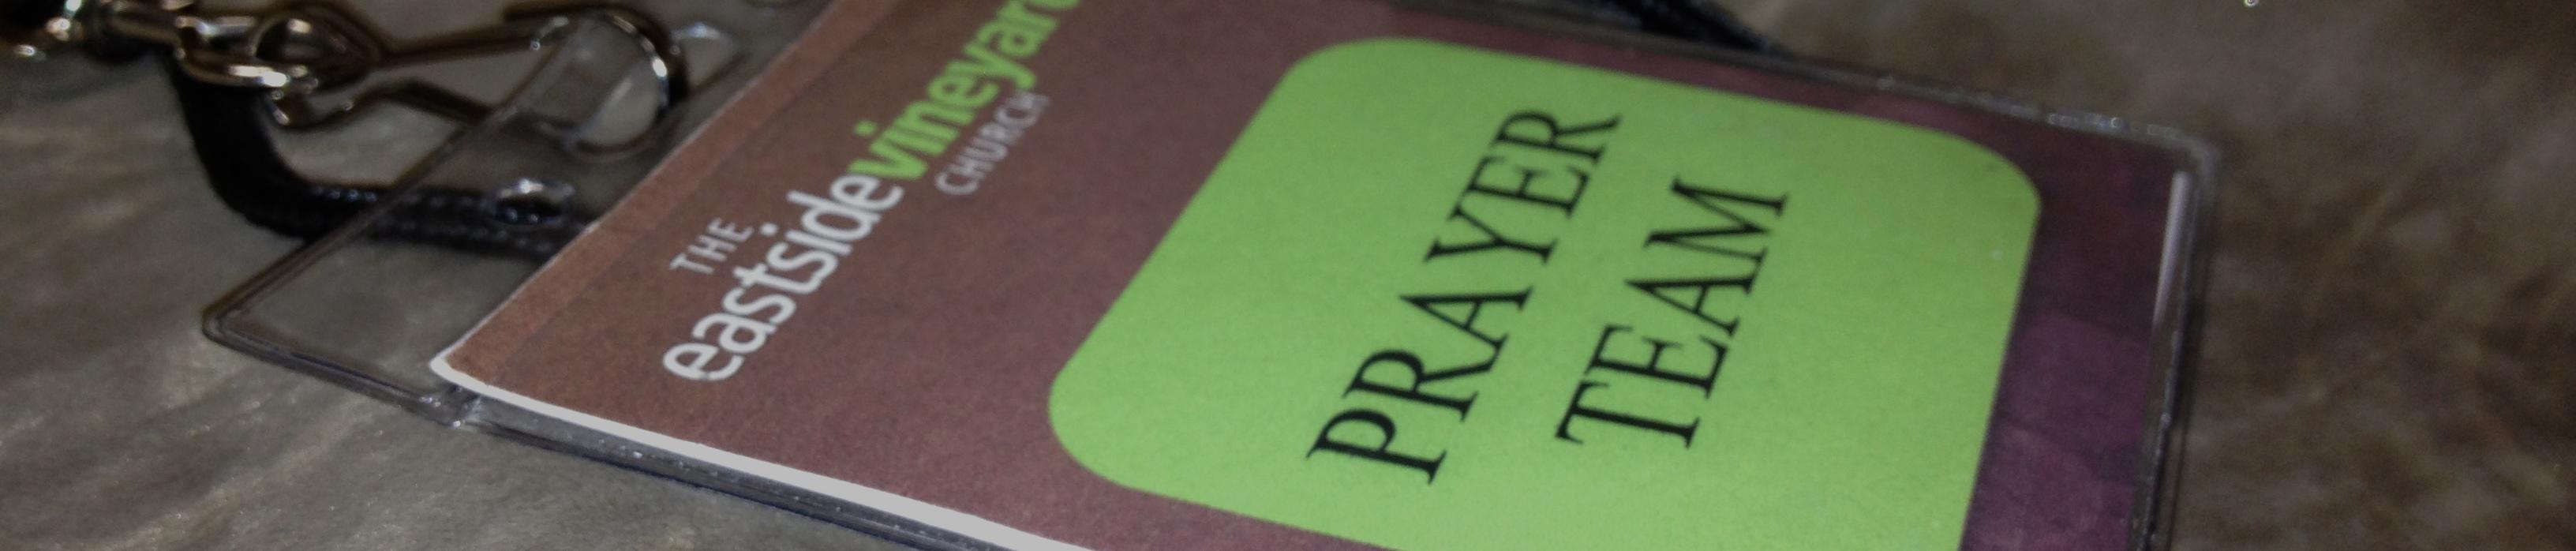 Need Prayer?